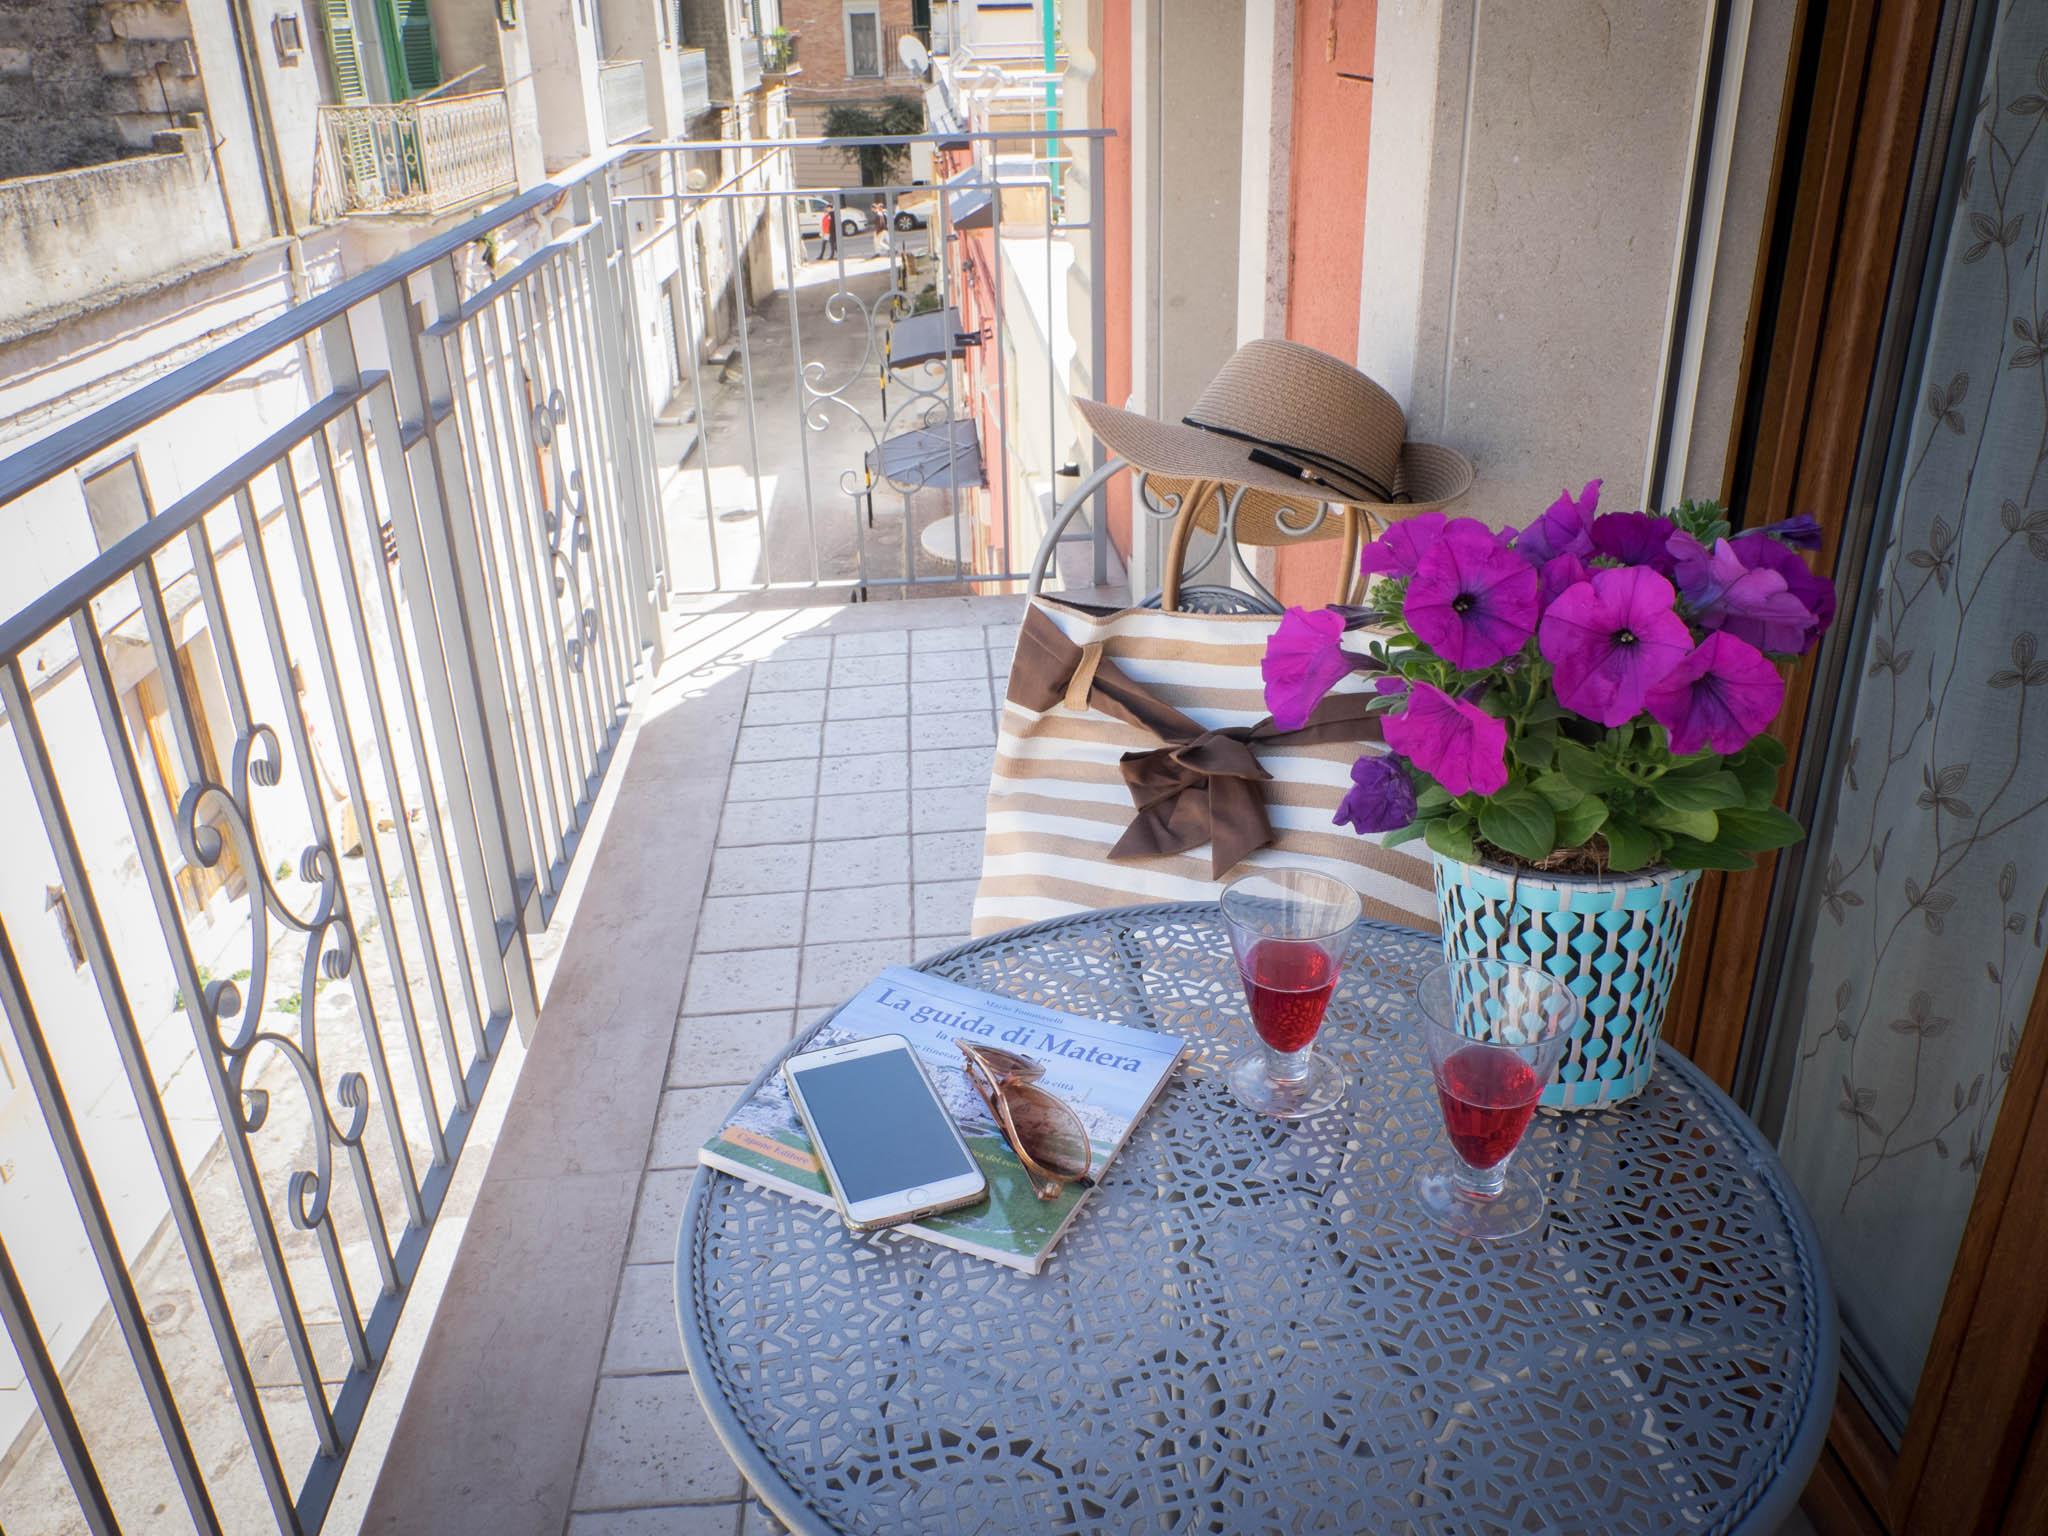 longobardi apartments la-casa-dei-nonni-casa-vacanze-bb-camere-dormire-sassi-di-matera-basilicata-63